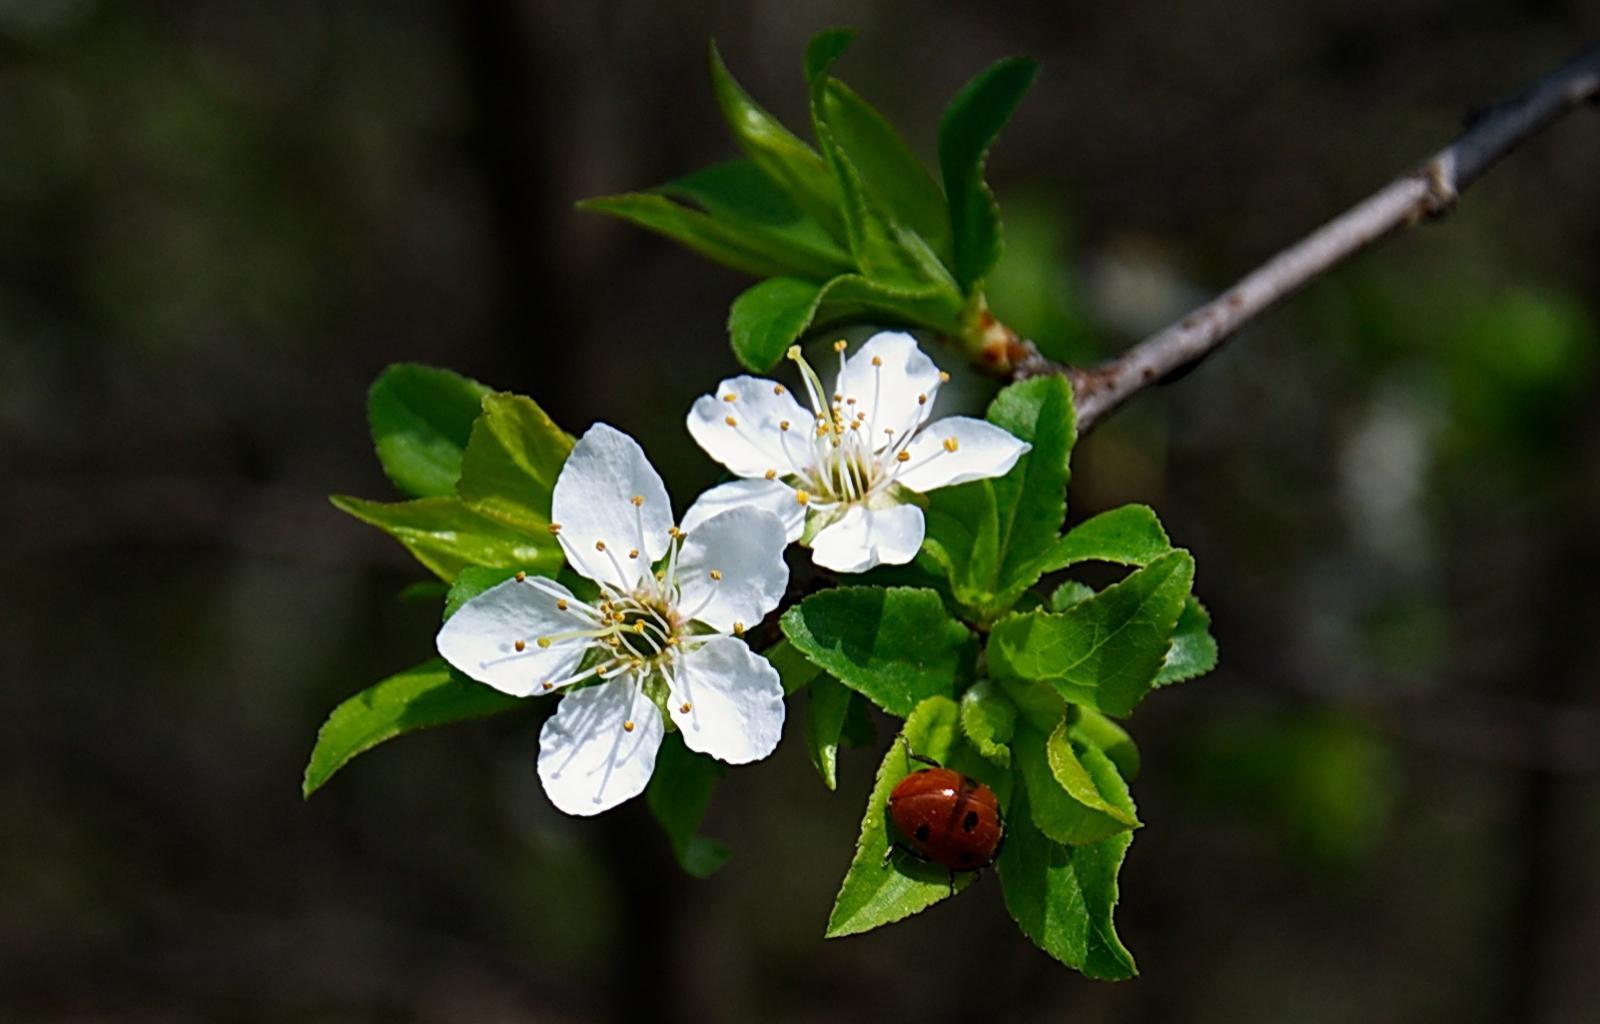 33611 скачать обои Насекомые, Растения, Божьи Коровки, Цветы - заставки и картинки бесплатно